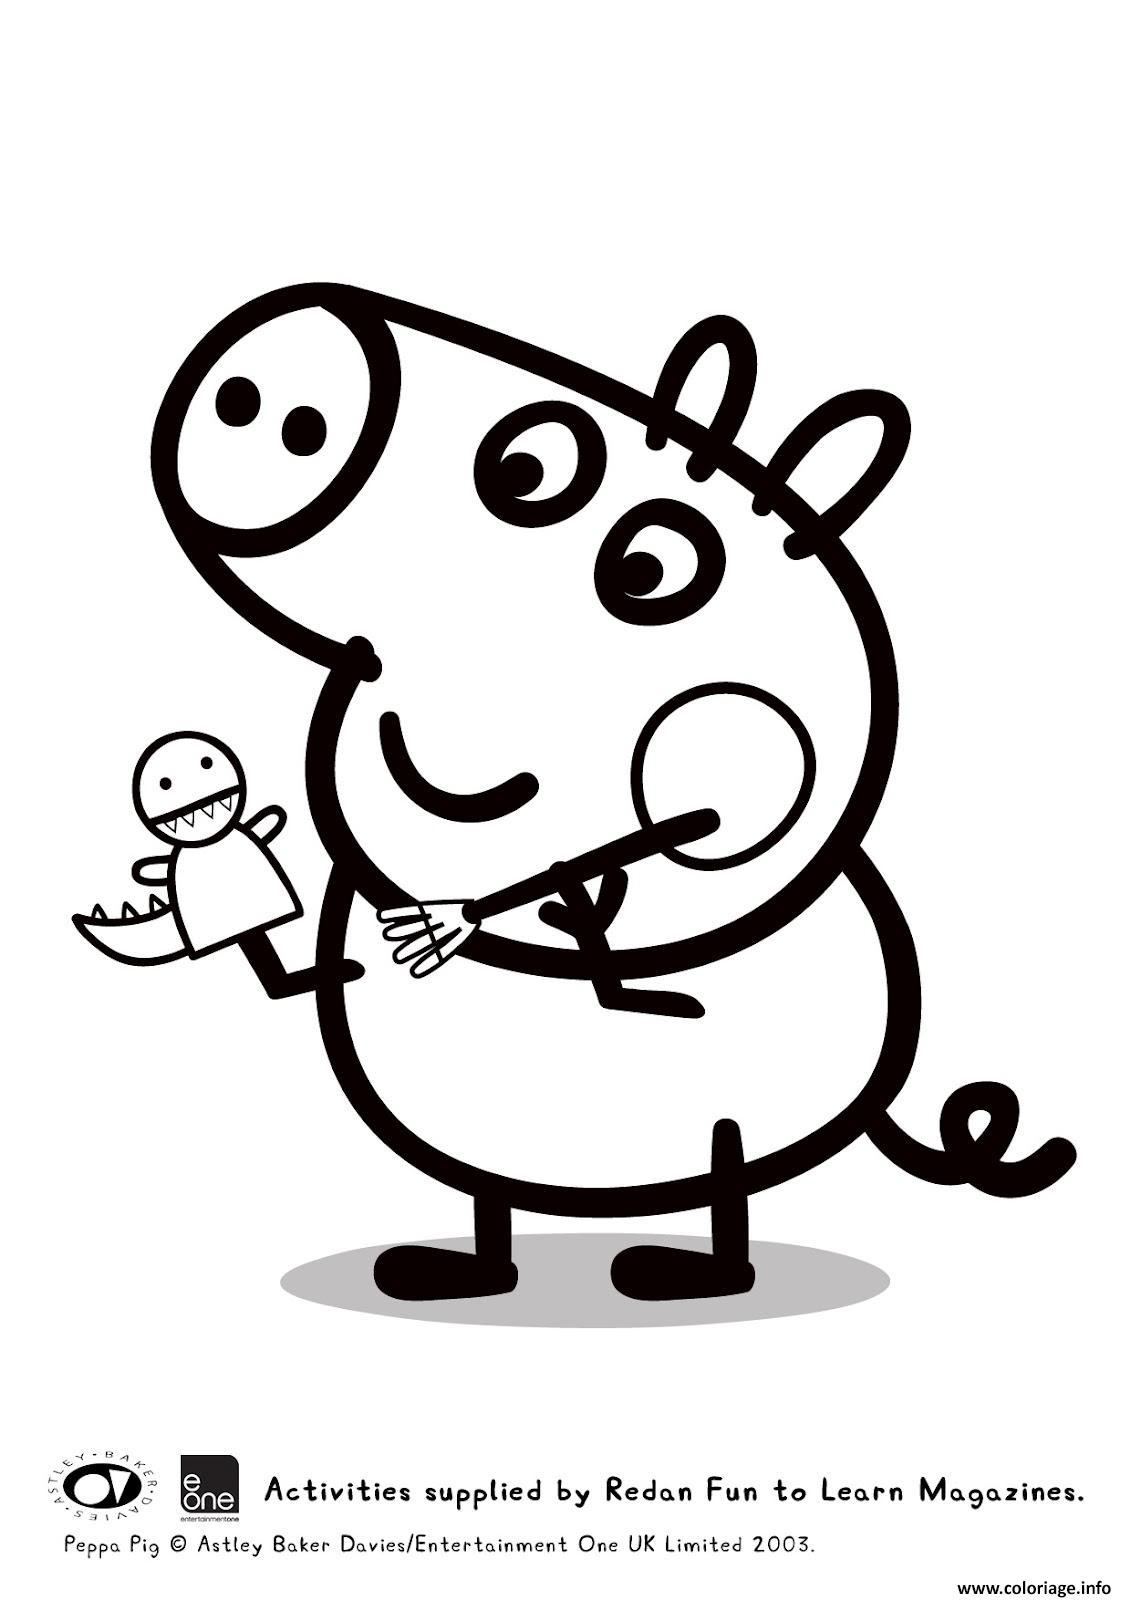 Coloriage peppa pig 93 dessin - Cartone animato animali da colorare pagine ...